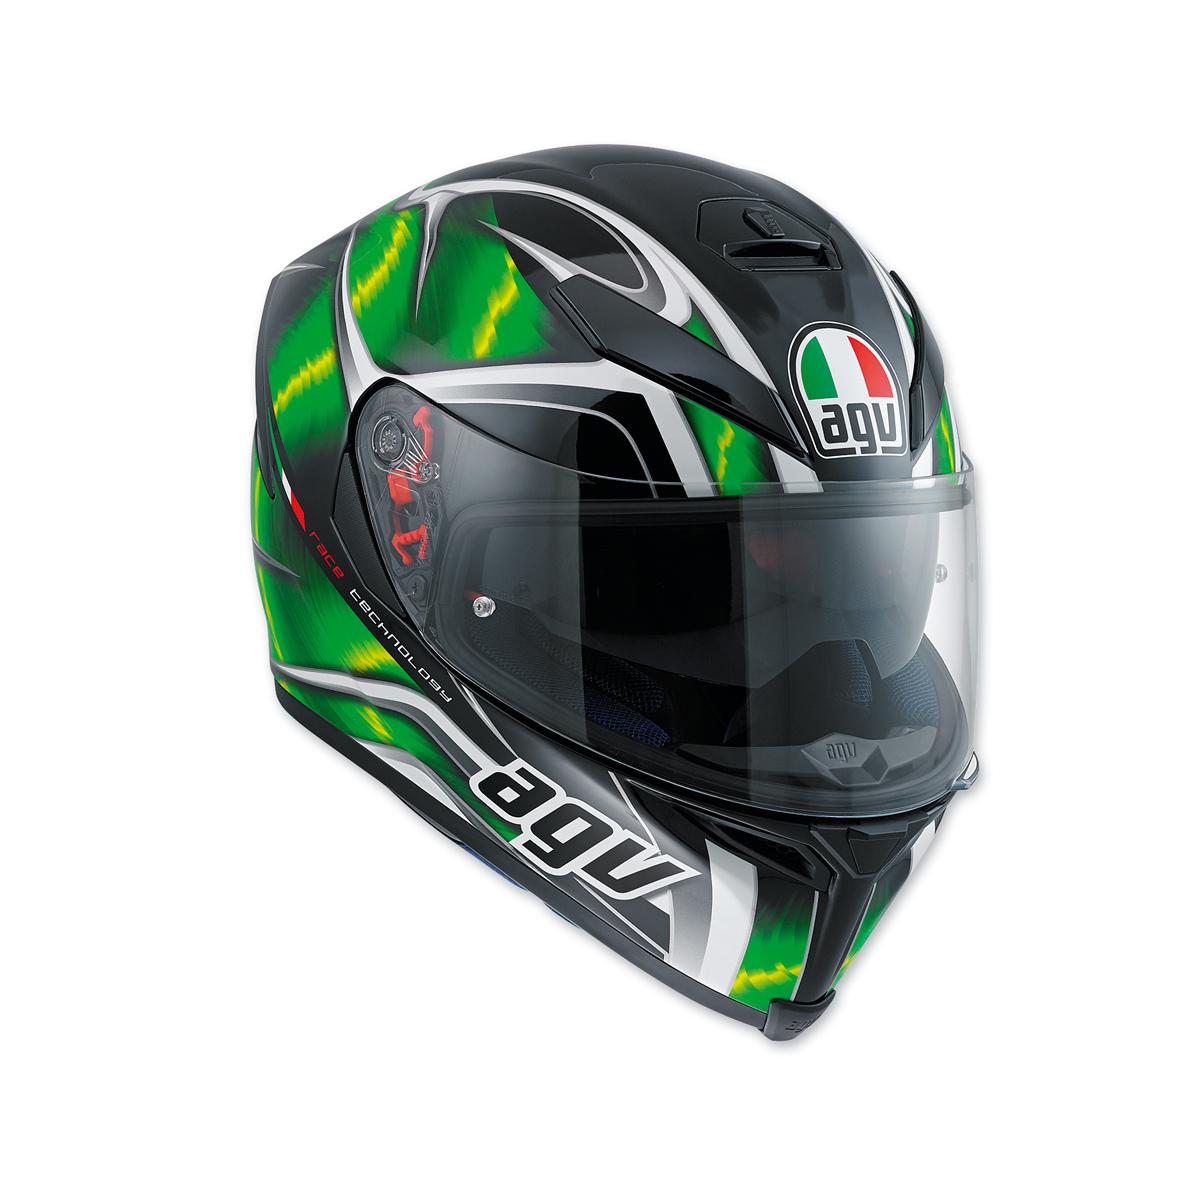 AGV K-5 S Hurricane Black/Green Full Face Helmet